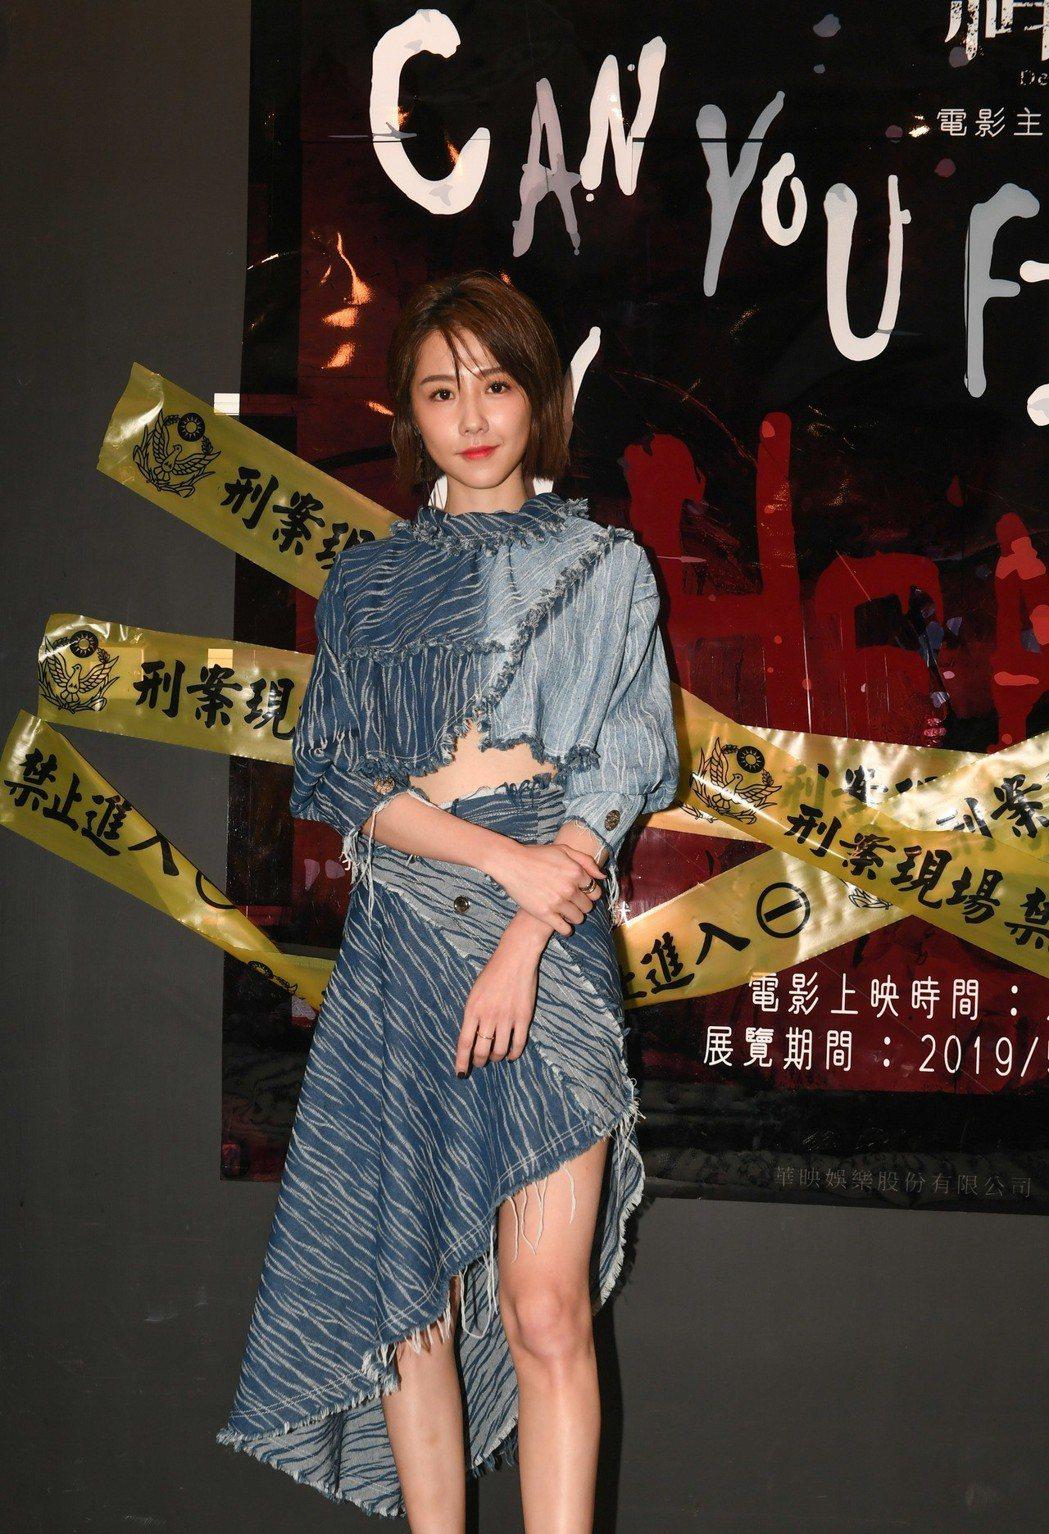 邵雨薇在電影中飾演法醫。圖/華映提供